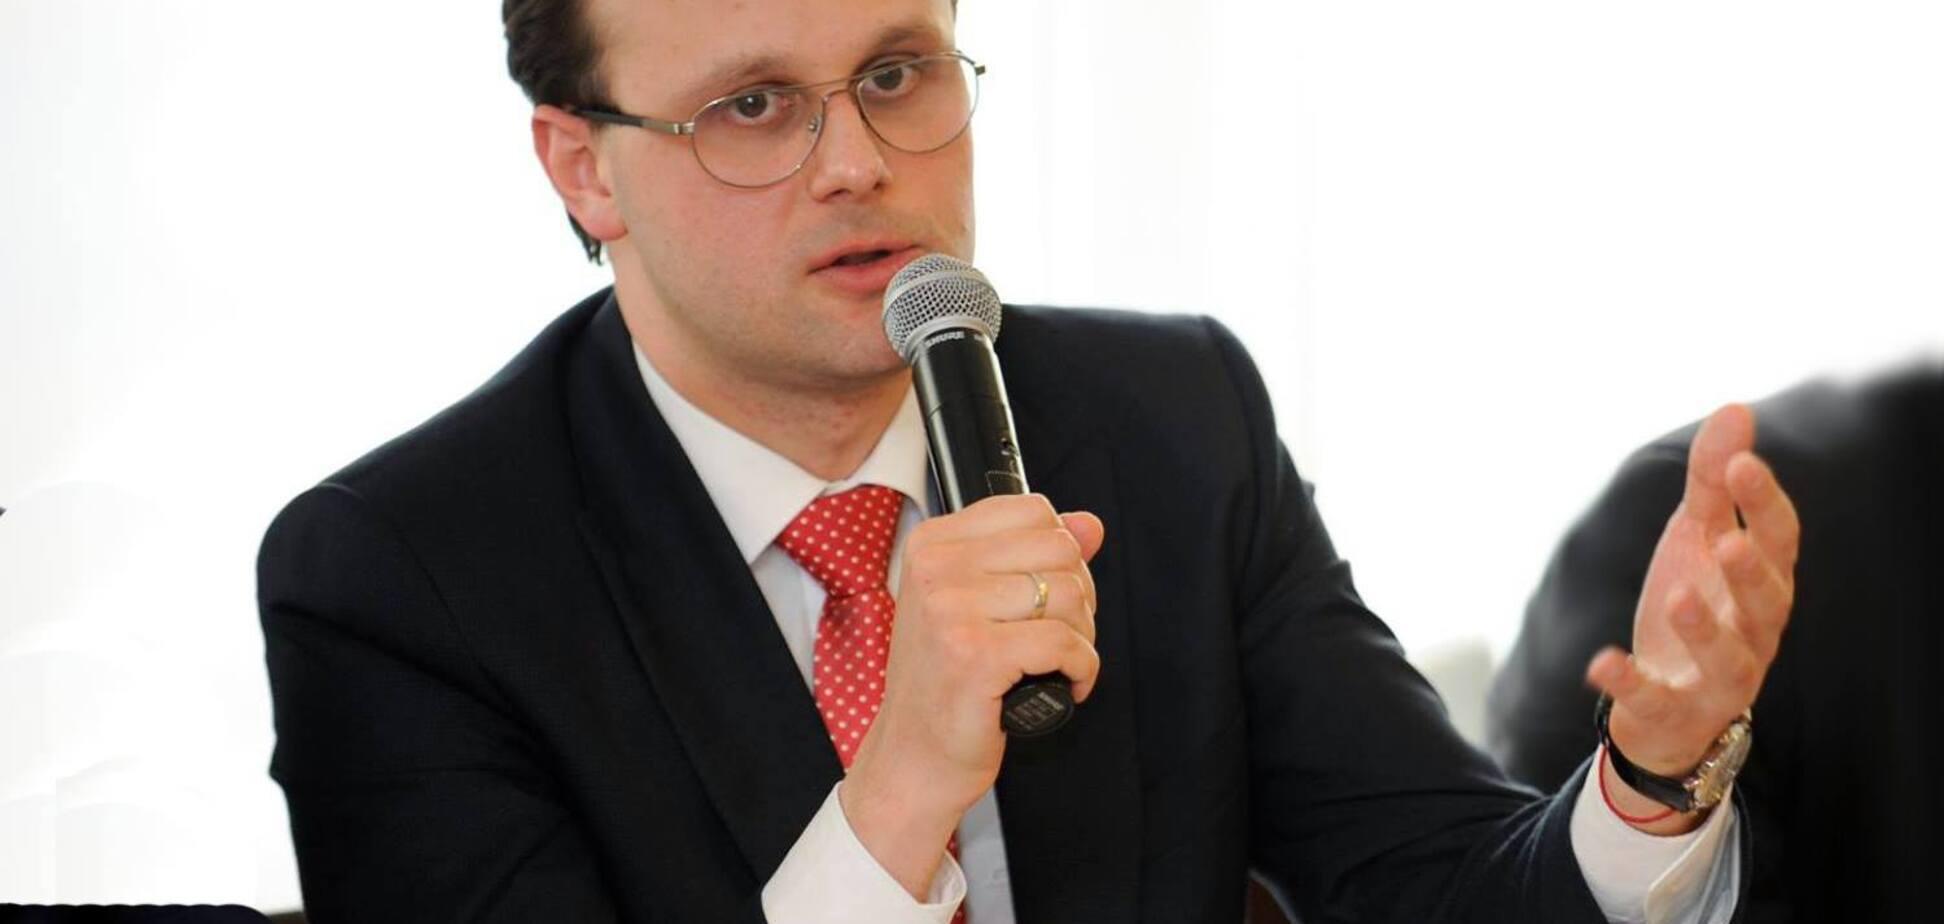 Налог на выведенный капитал – огромная ошибка. Украина потеряет миллиарды – Галасюк